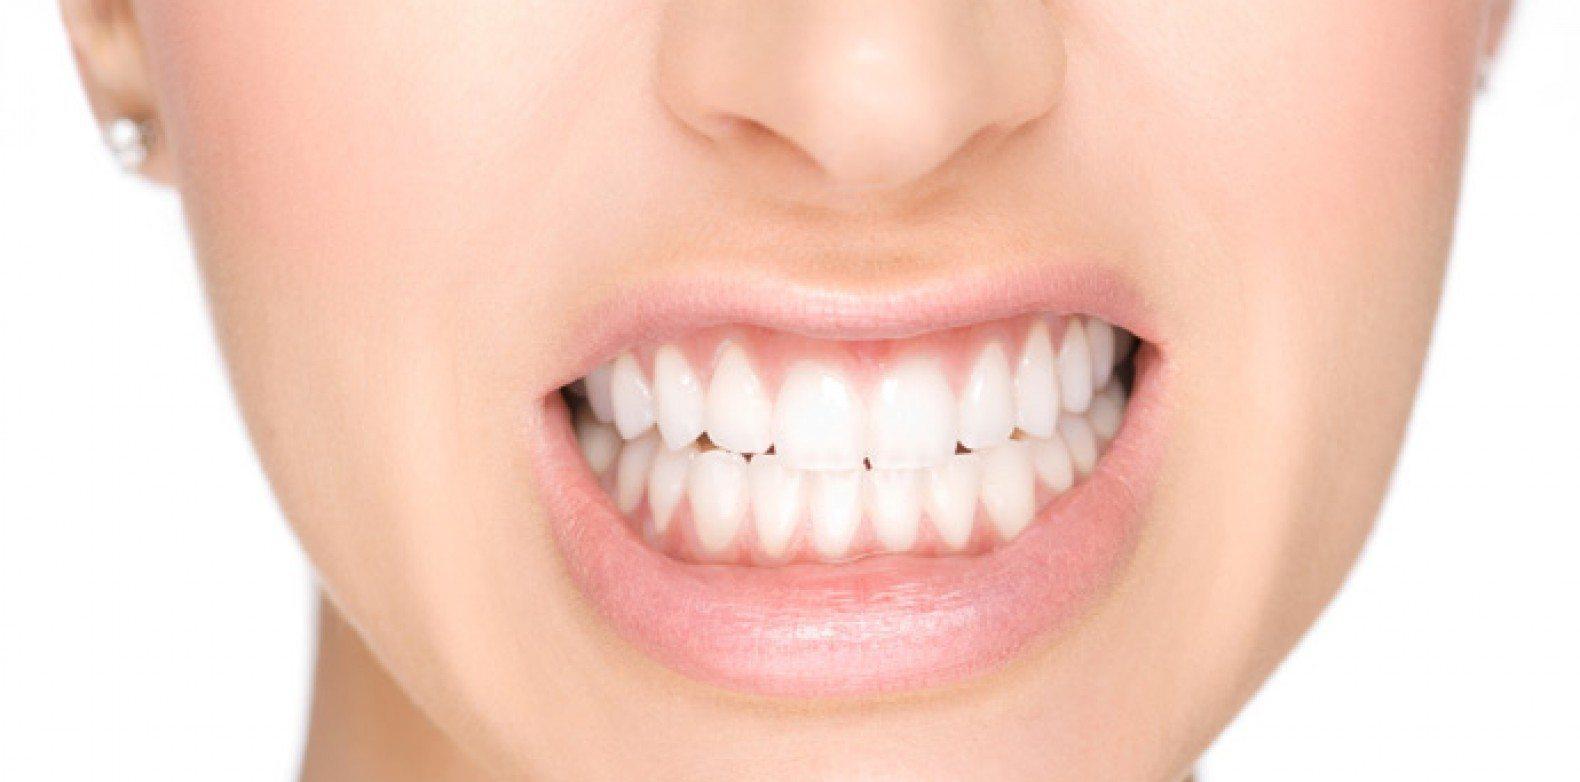 porque rangemos dentes